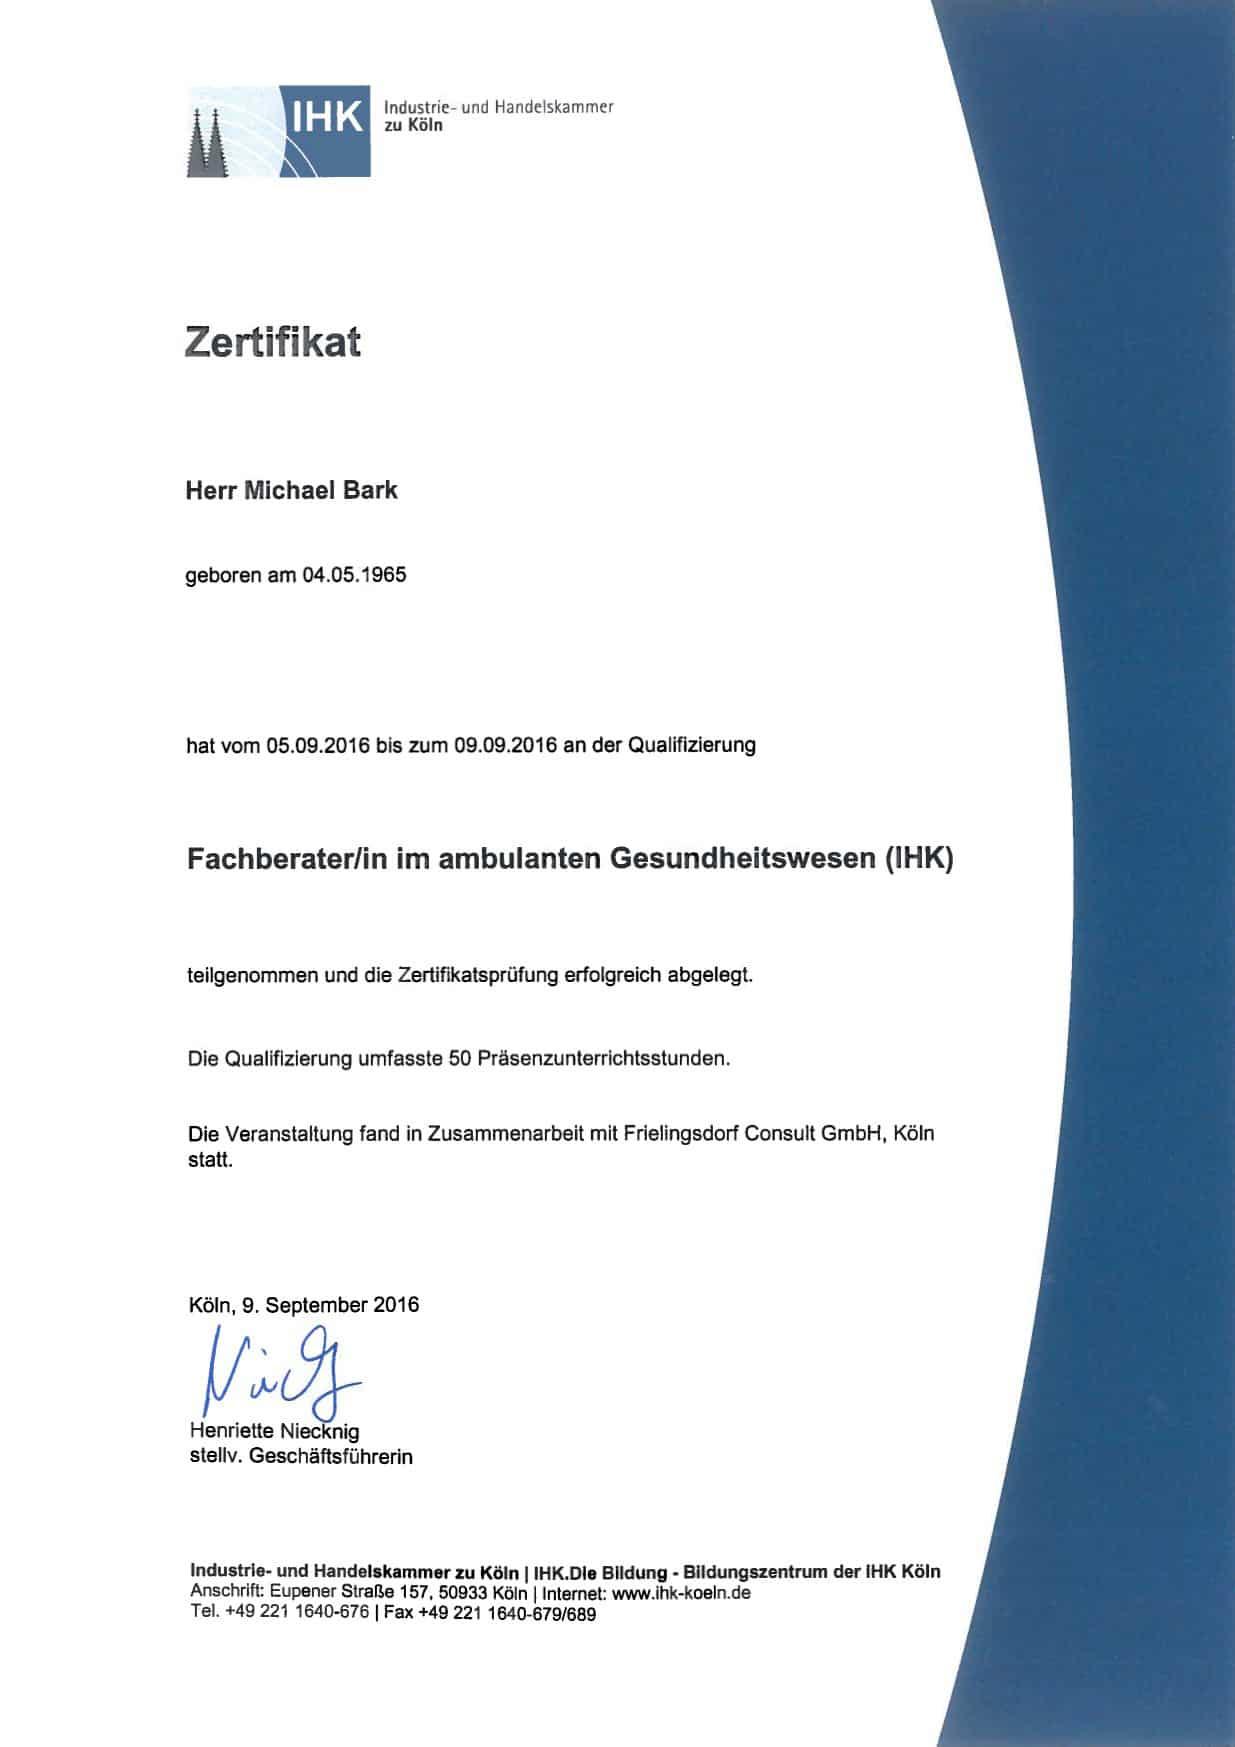 Fachberater ambulantes Gesundheitswesen - wilms & partner Steuerberatung in Düsseldorf